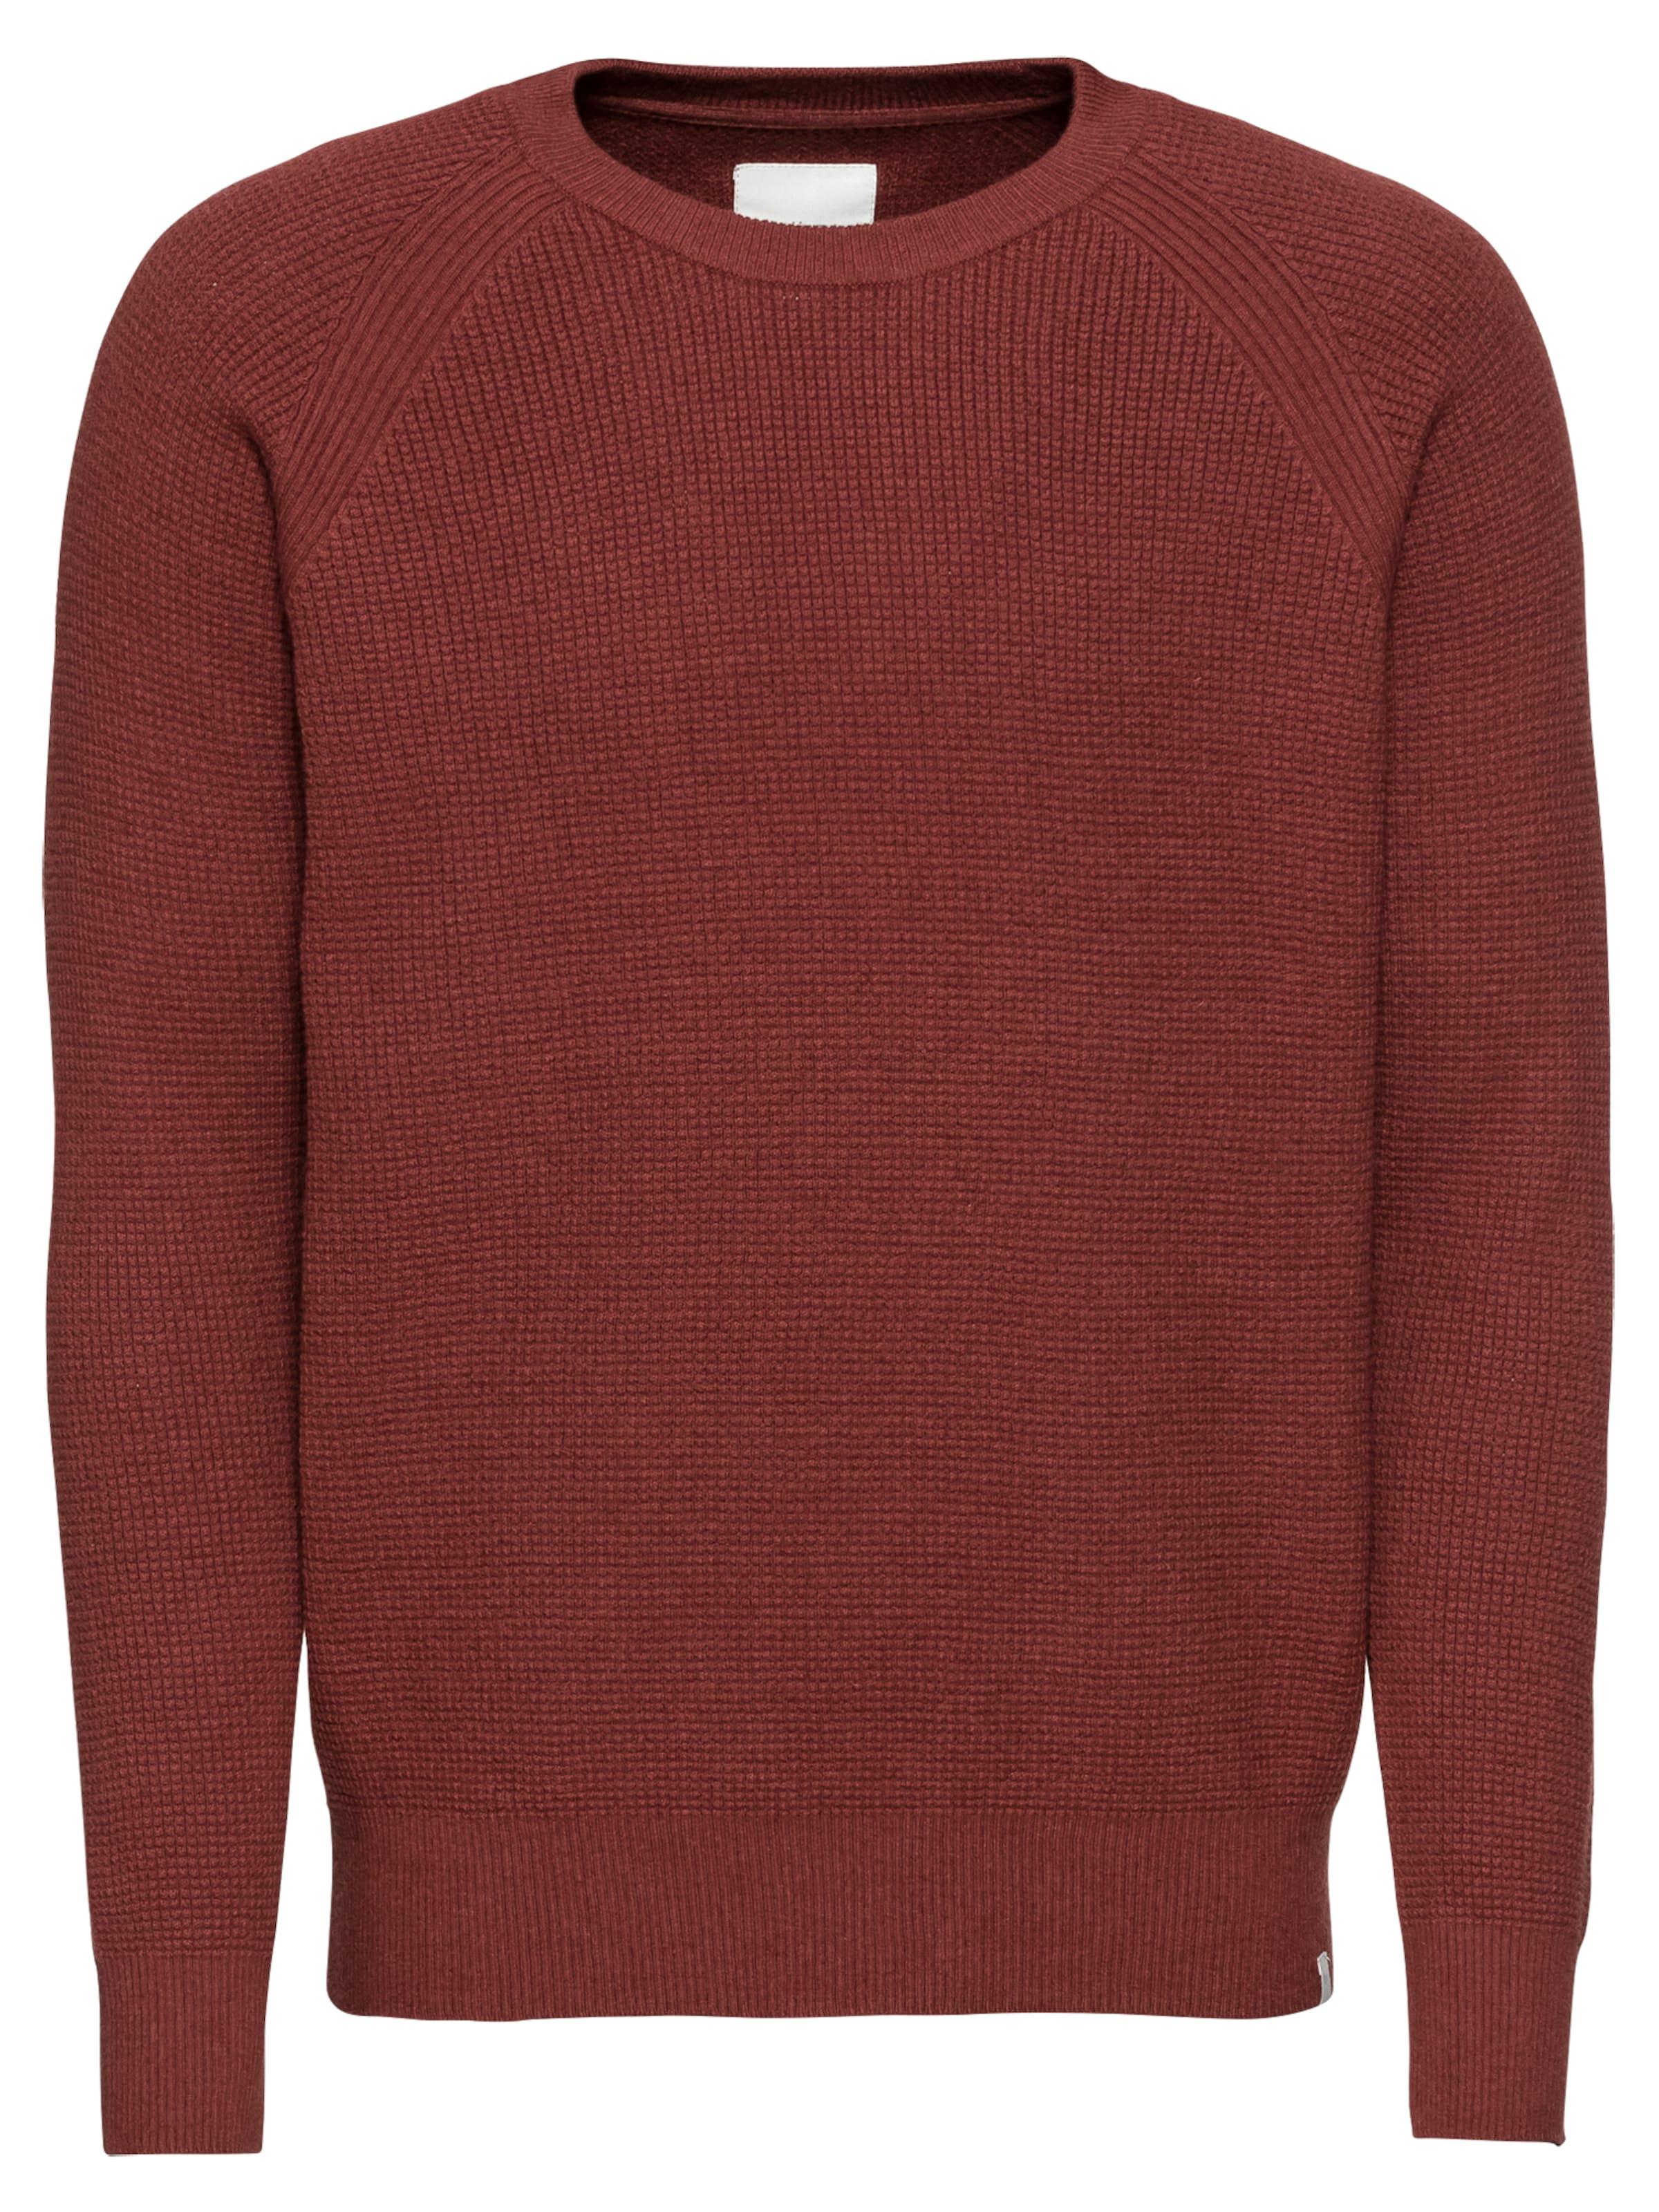 Pullover Rostrot 'ommel' Minimum Minimum In In Pullover 'ommel' b7gvfmyYI6